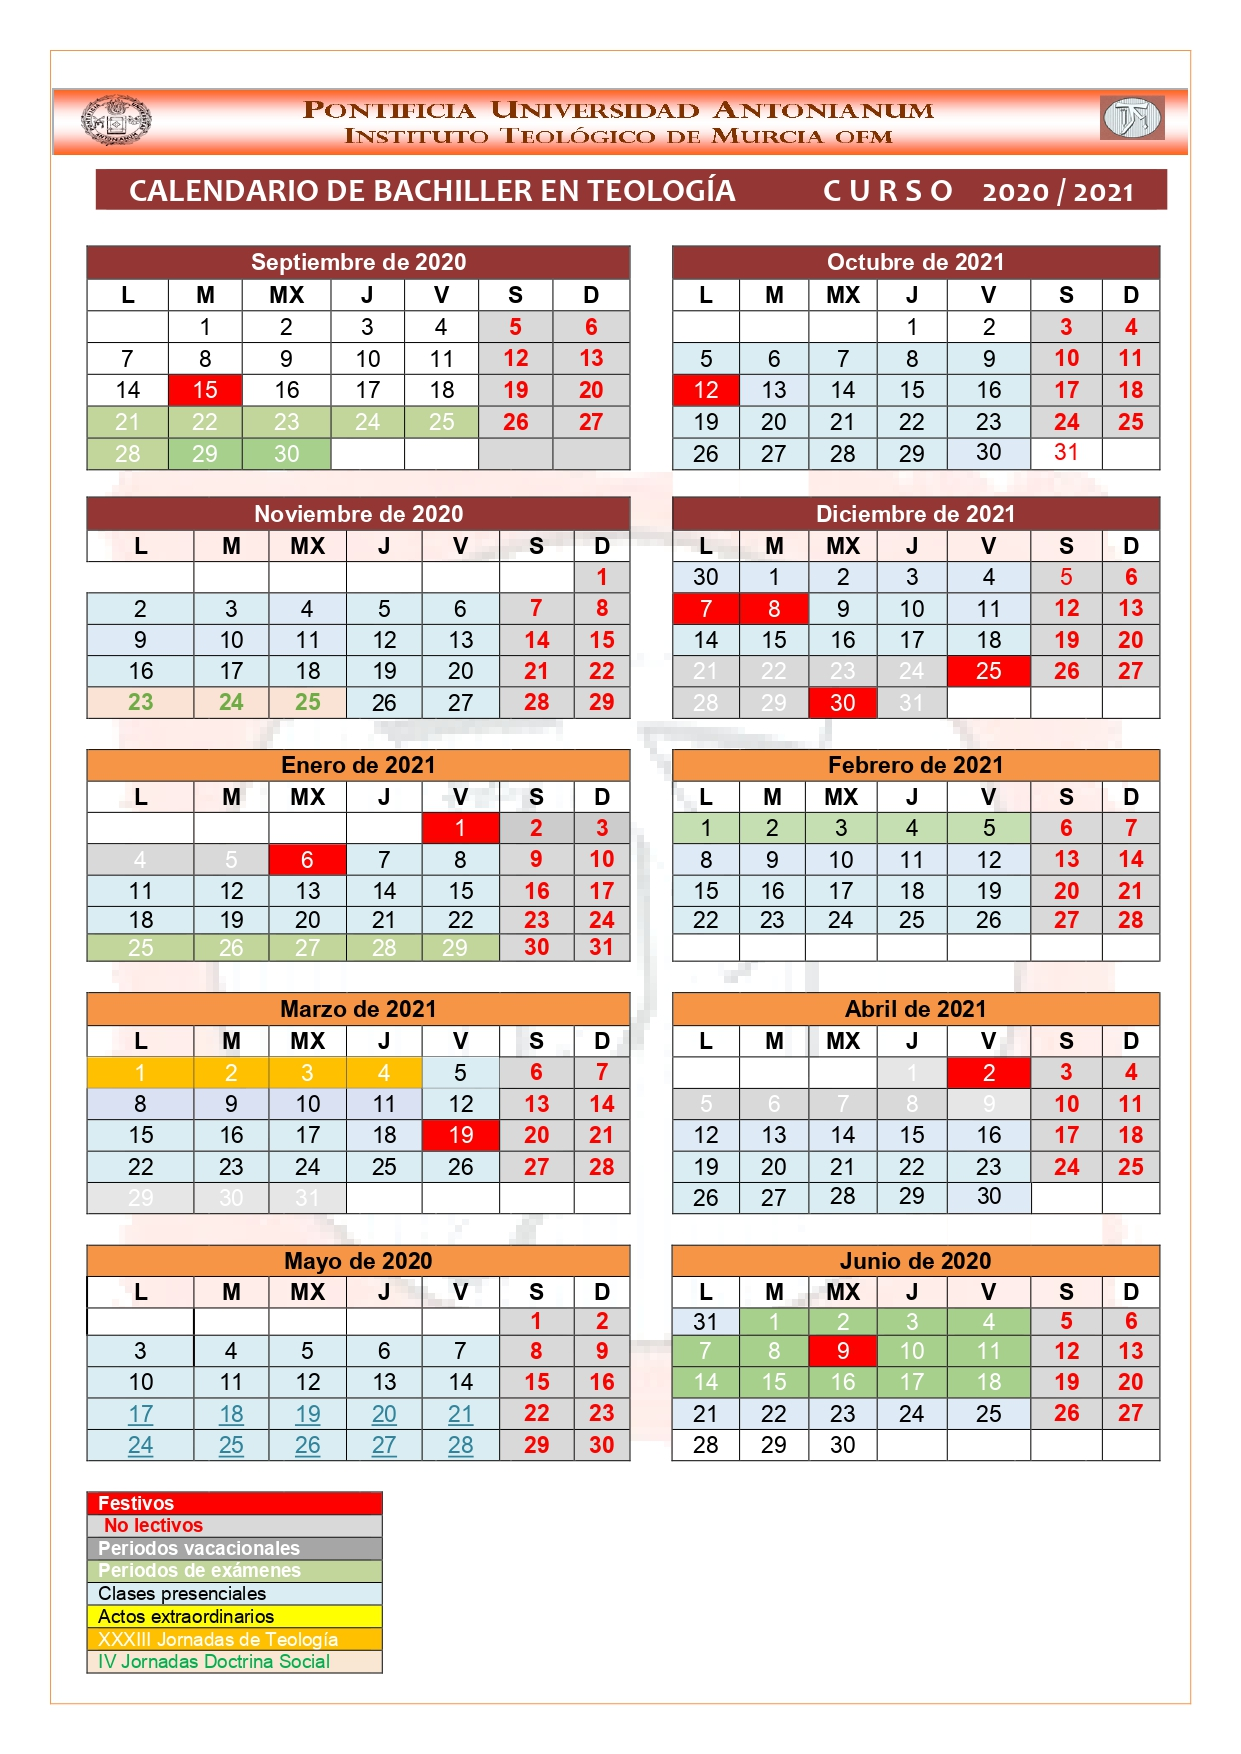 Calendario del curso 2020-2021